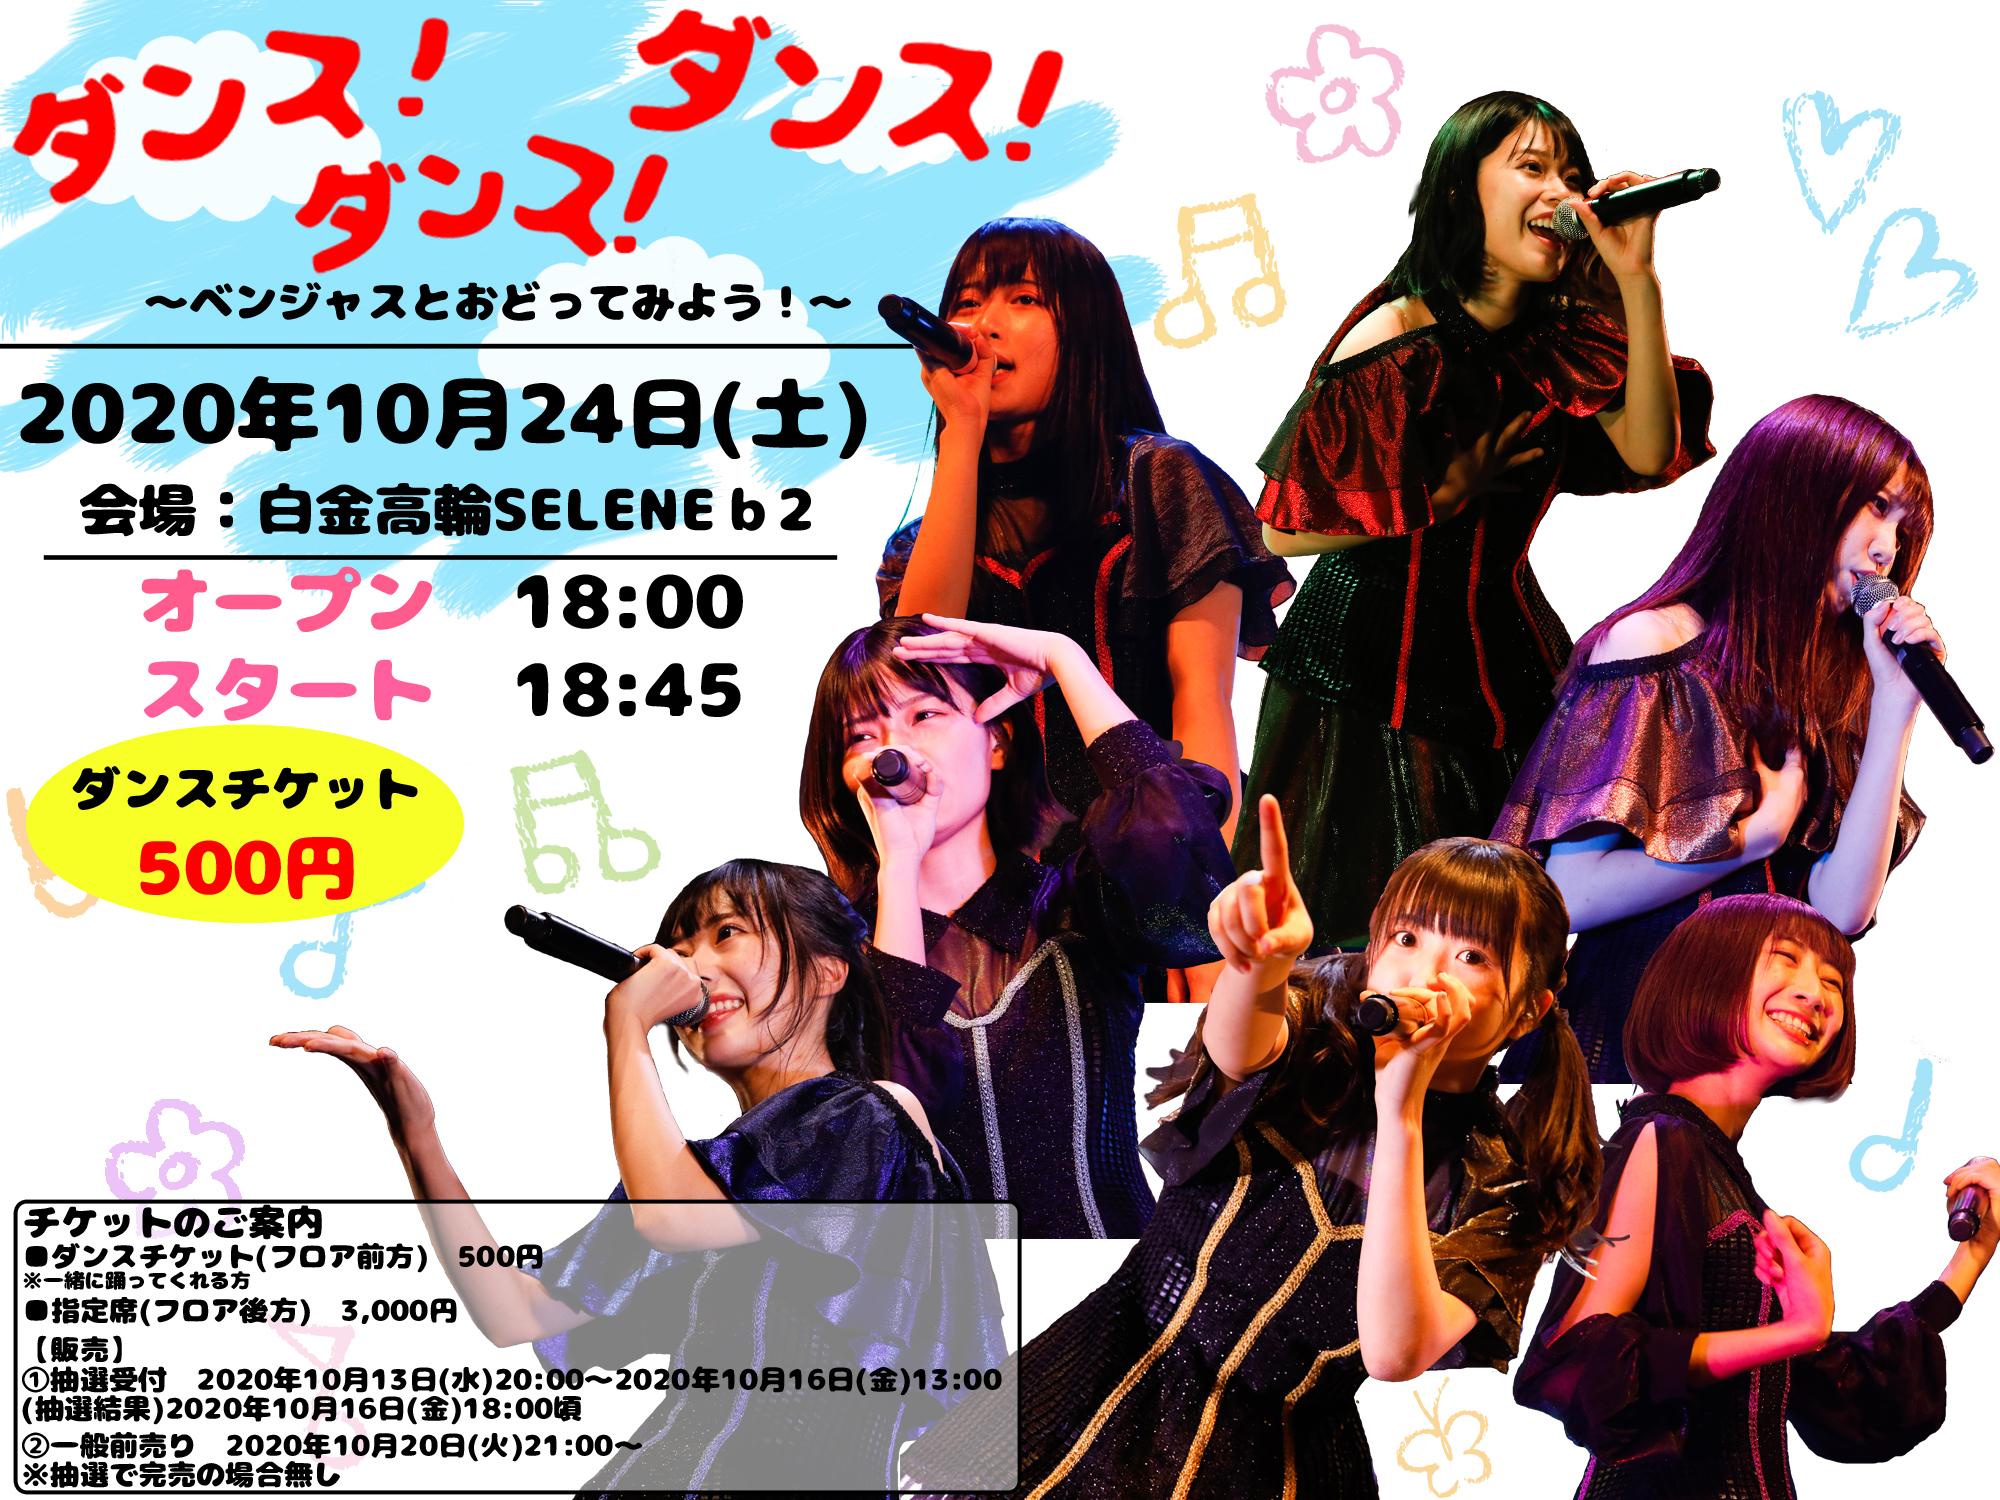 10月24日(土)『ダンス!ダンス!ダンス!~ベンジャスとおどってみよう!~』